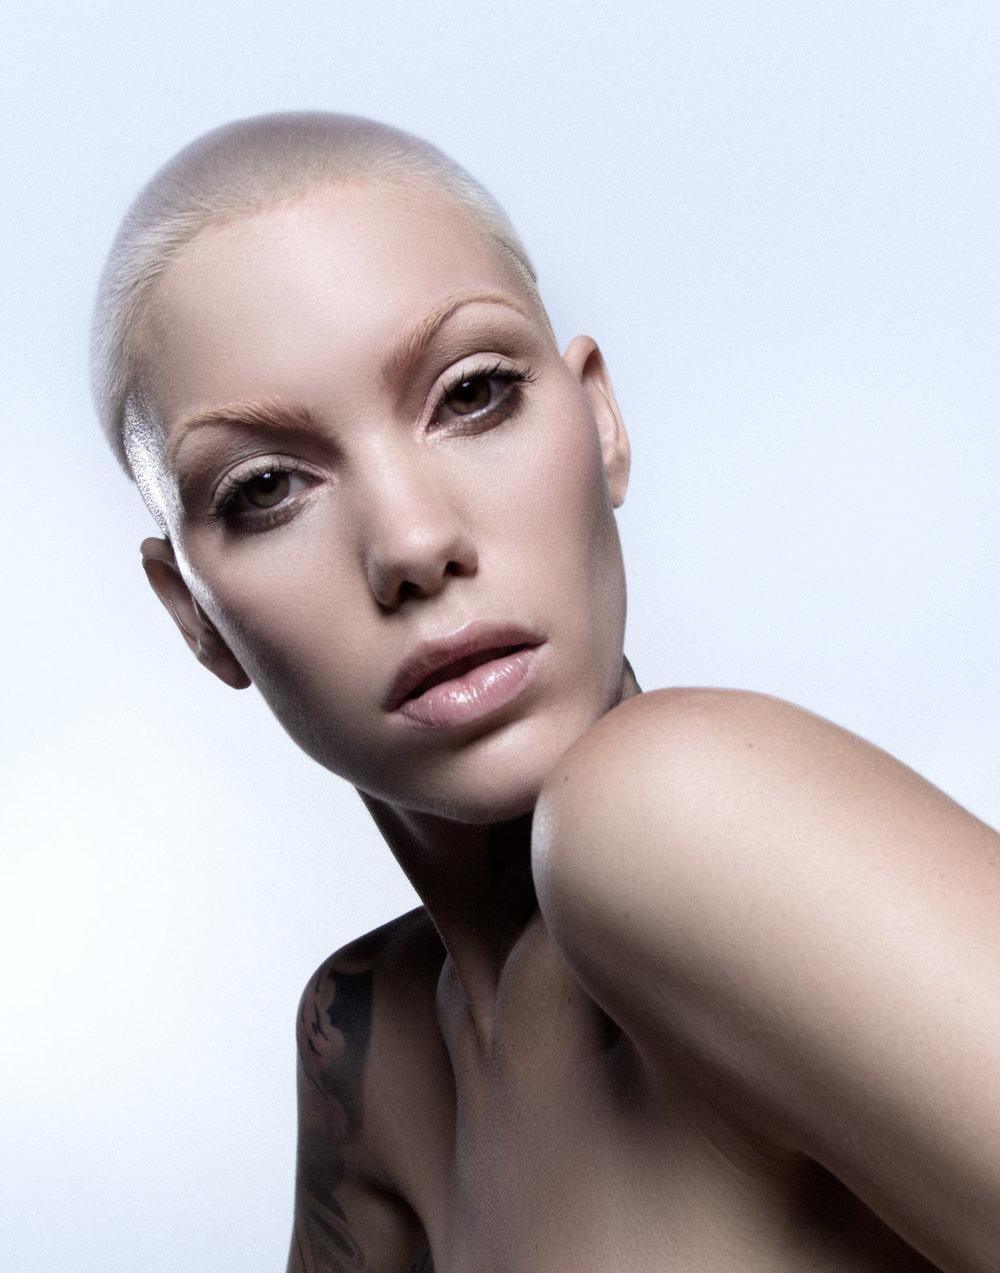 Alvarez_Amanda_Beauty_Erica_Drea_WithoutJewels-4.jpg